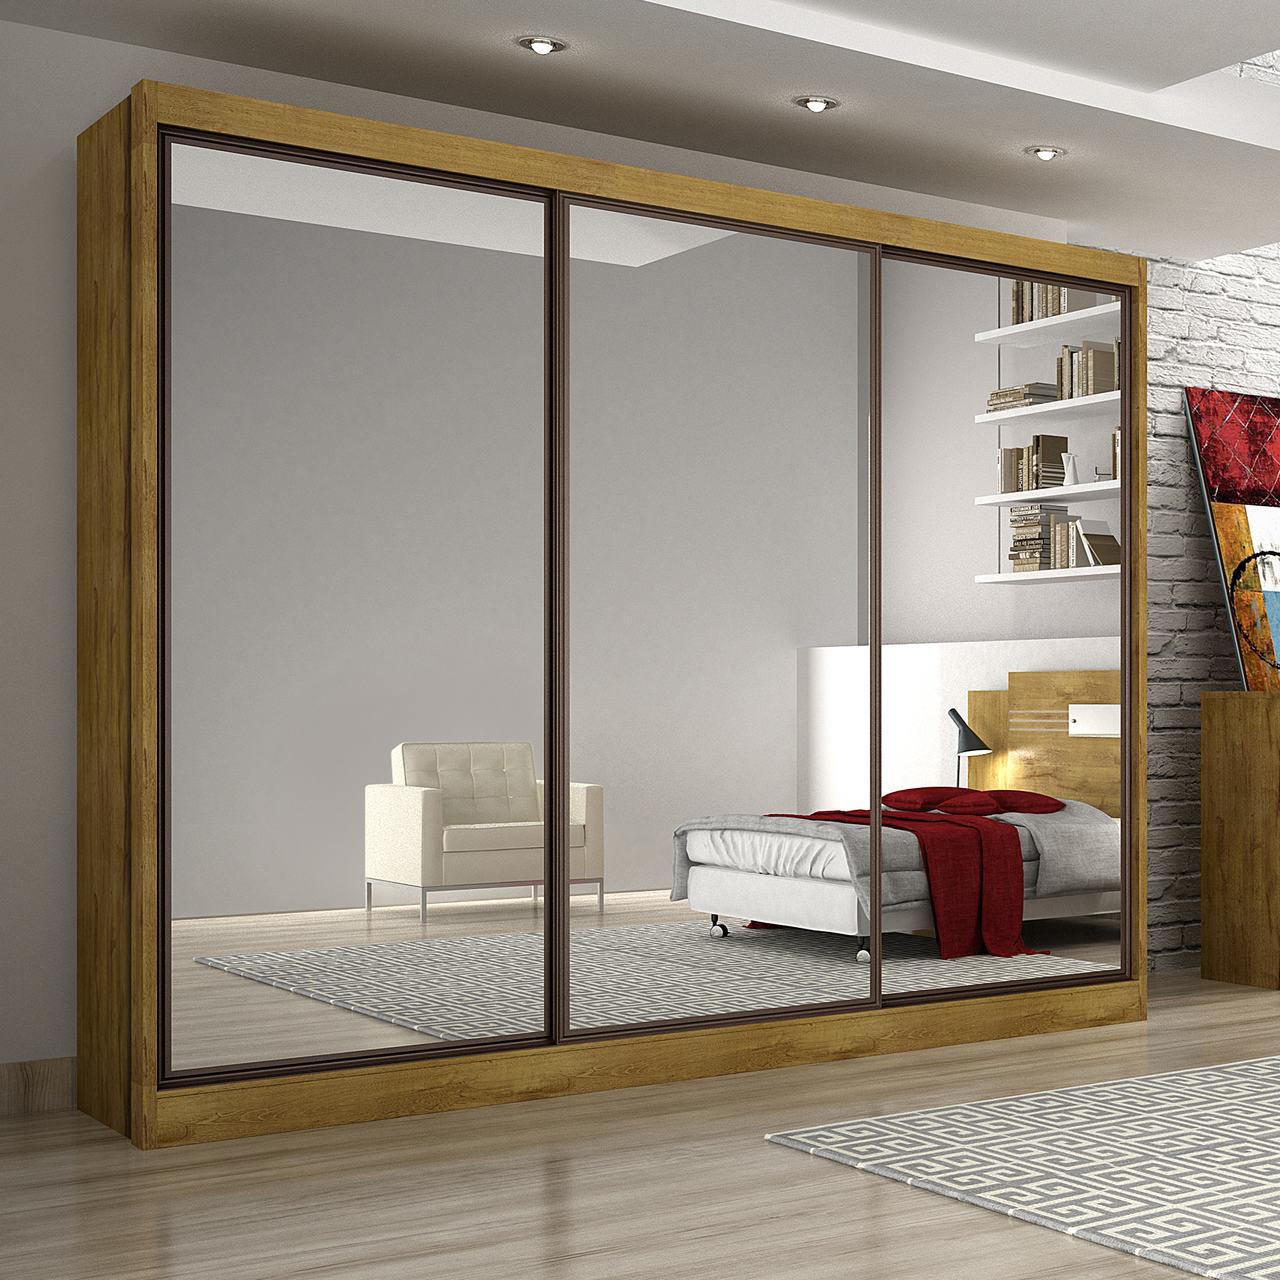 Guarda Roupa Casal com Espelhos, 3 Portas e 8 Gavetas Alfeu Gold Novo Horizonte